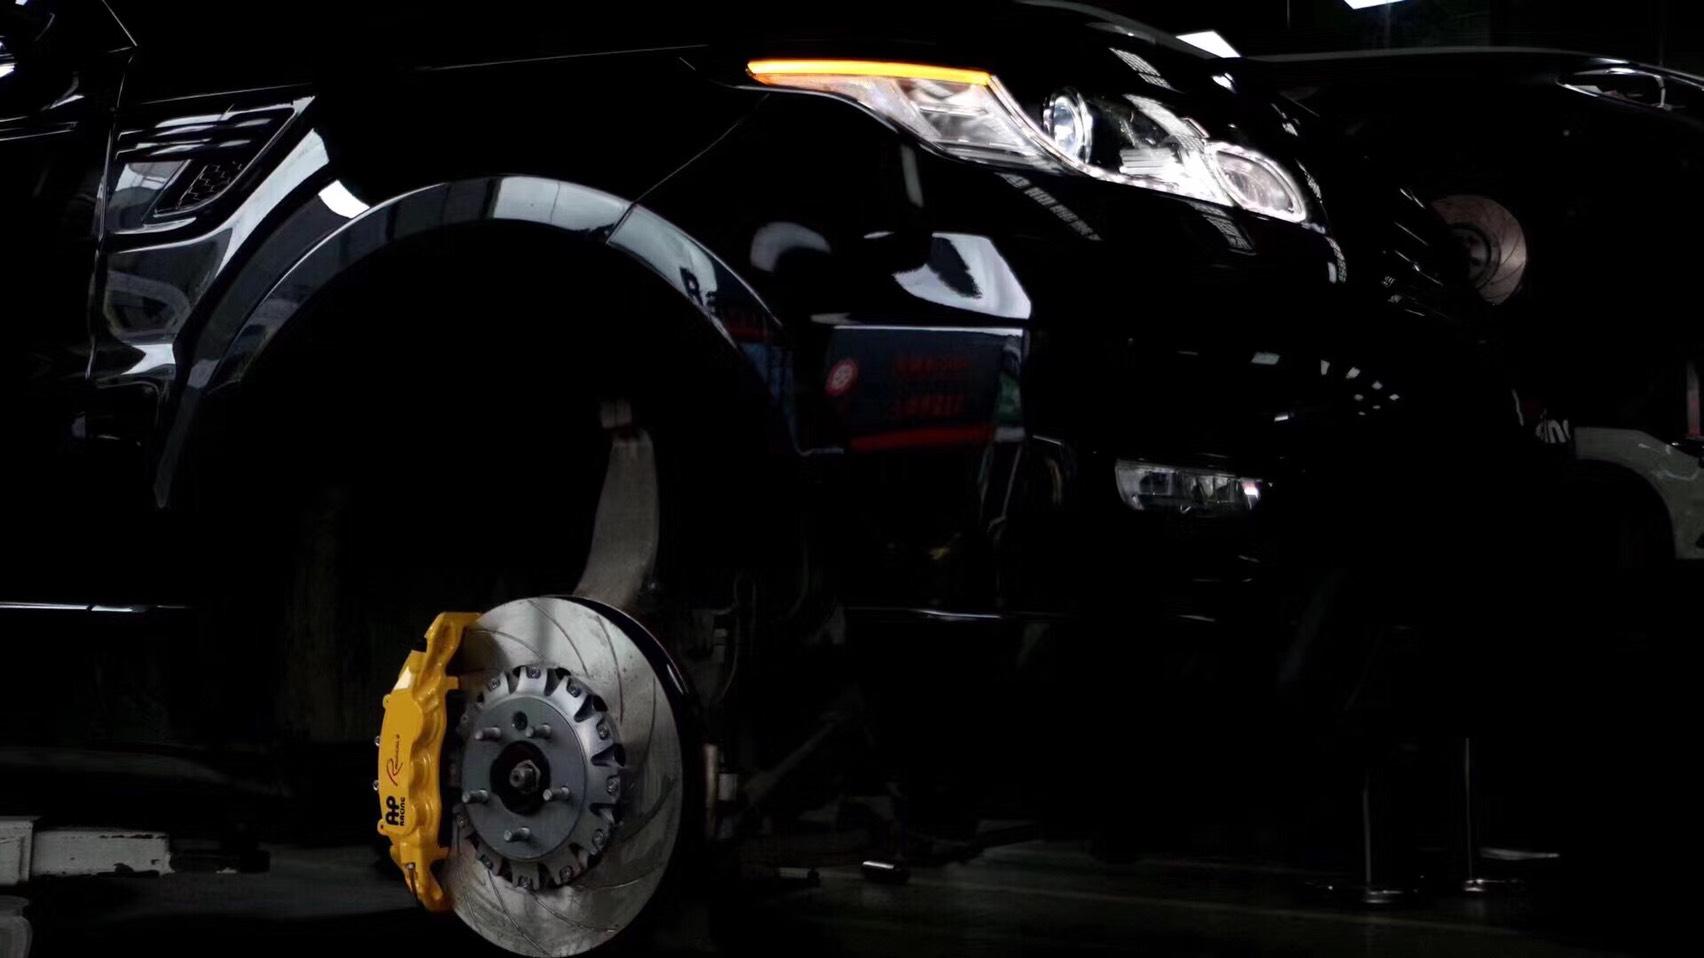 路虎揽胜运动版刹车升级AP9560大六刹车卡钳,饱满帅气制动、做真正的硬汉猛男[胜利][胜利]